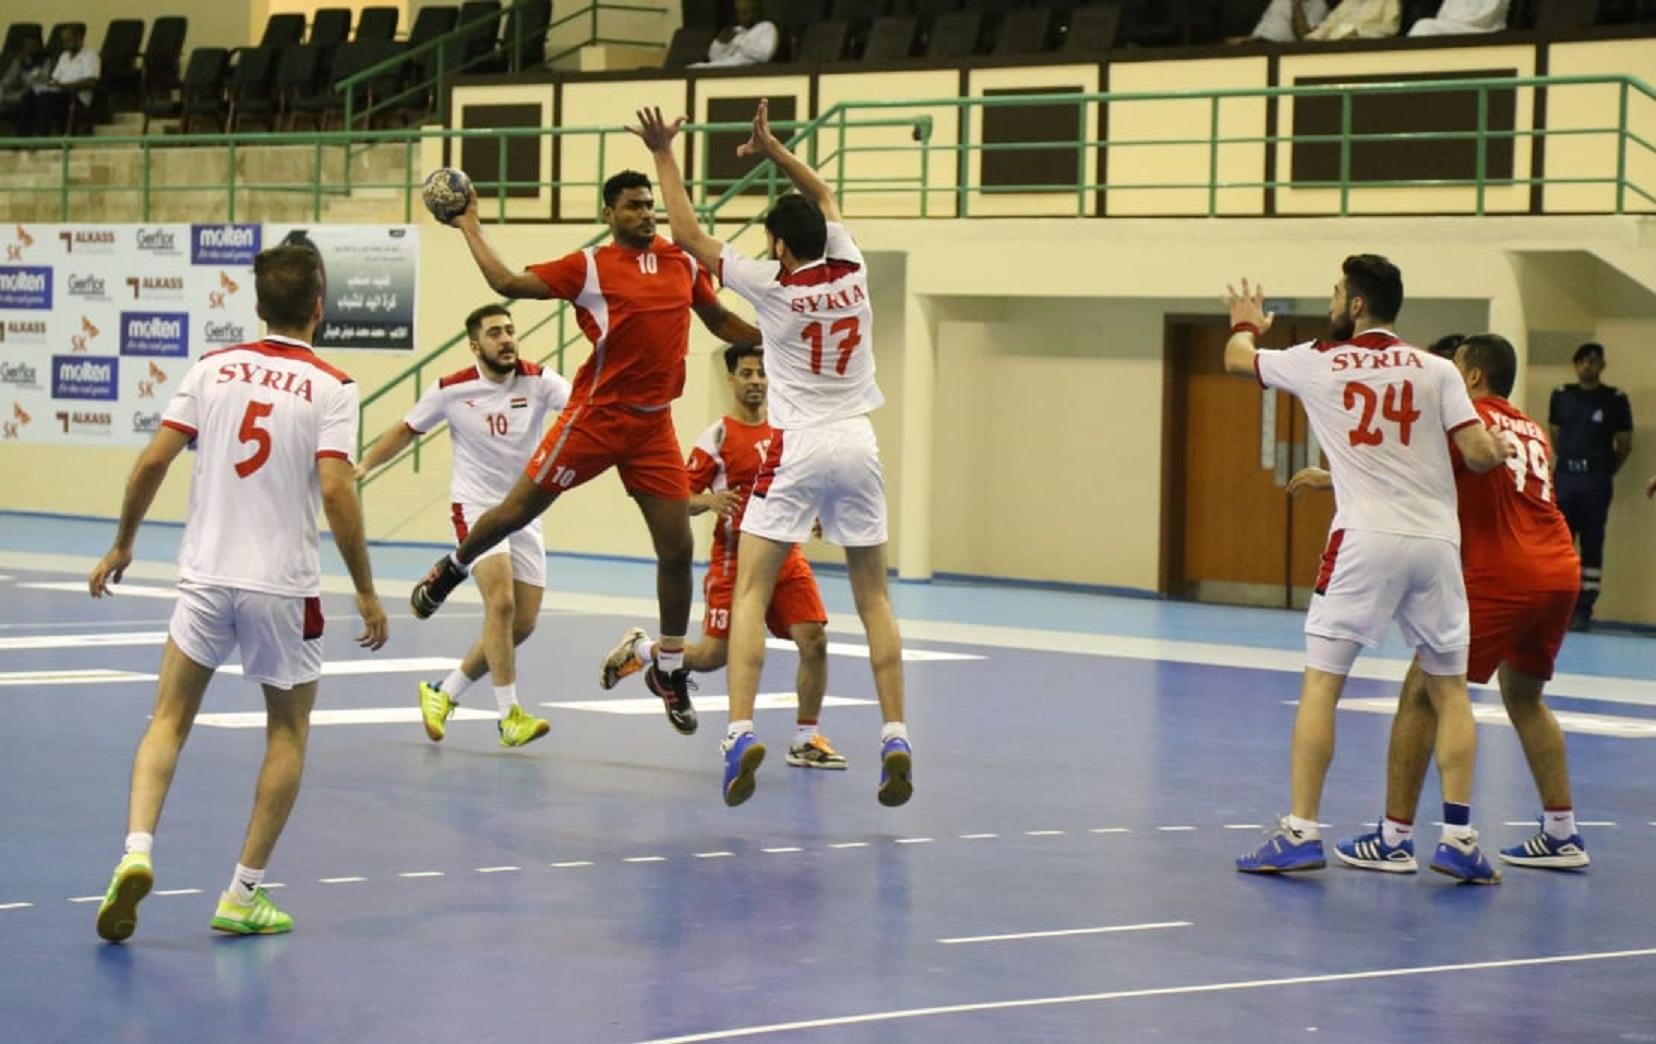 تواصل الأثارة في منافسات البطولة الآسيوية الـ16 للشباب لكرة اليد